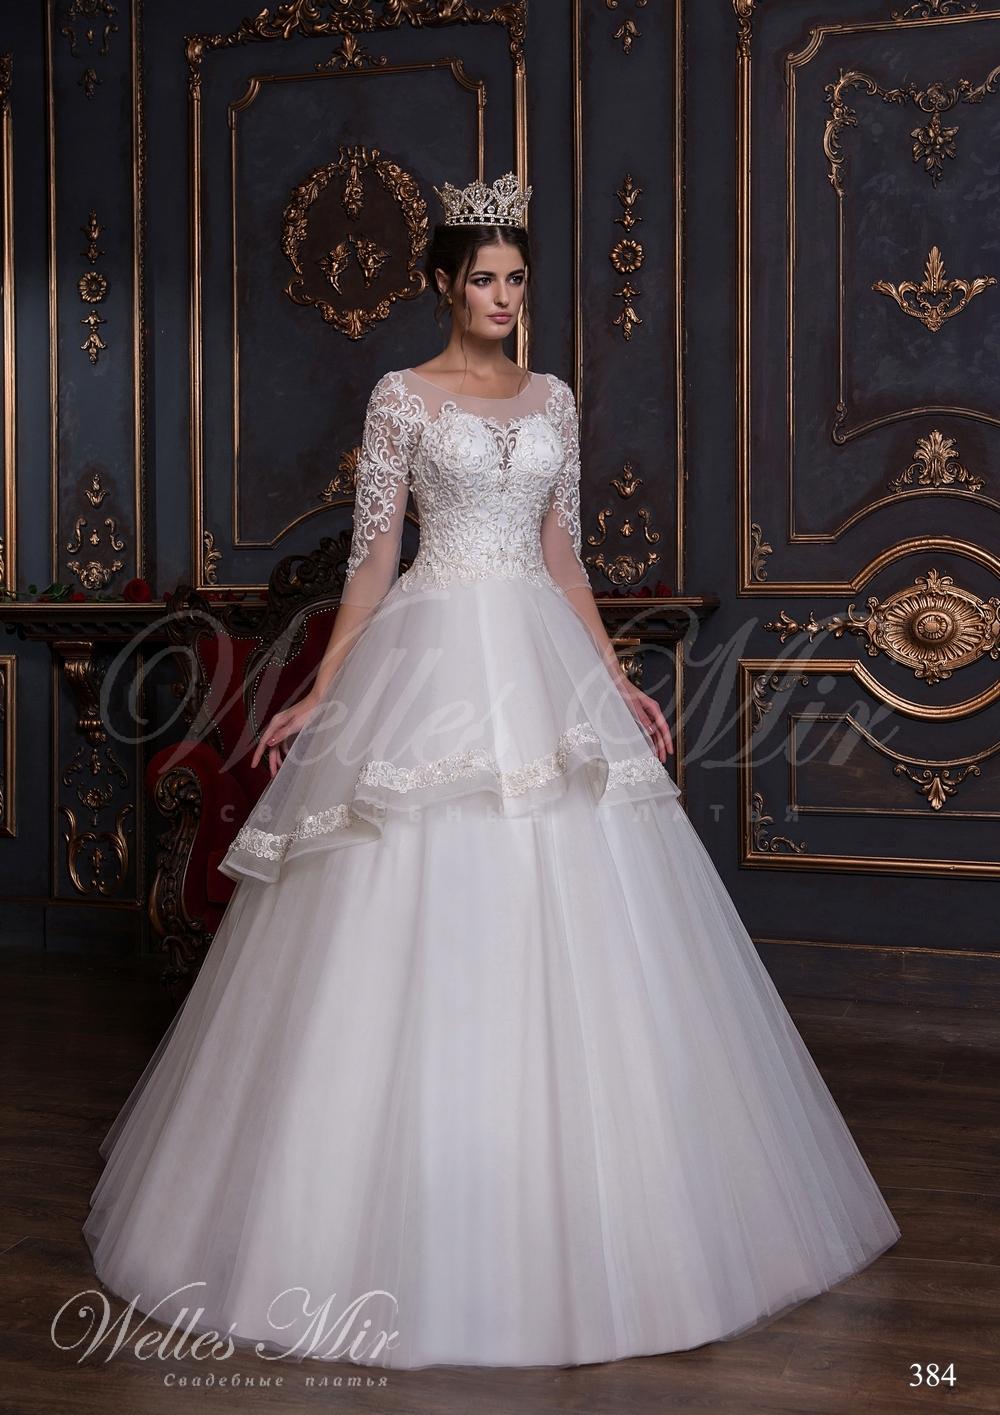 Свадебные платья Luxury collection 2017-2018 - 384